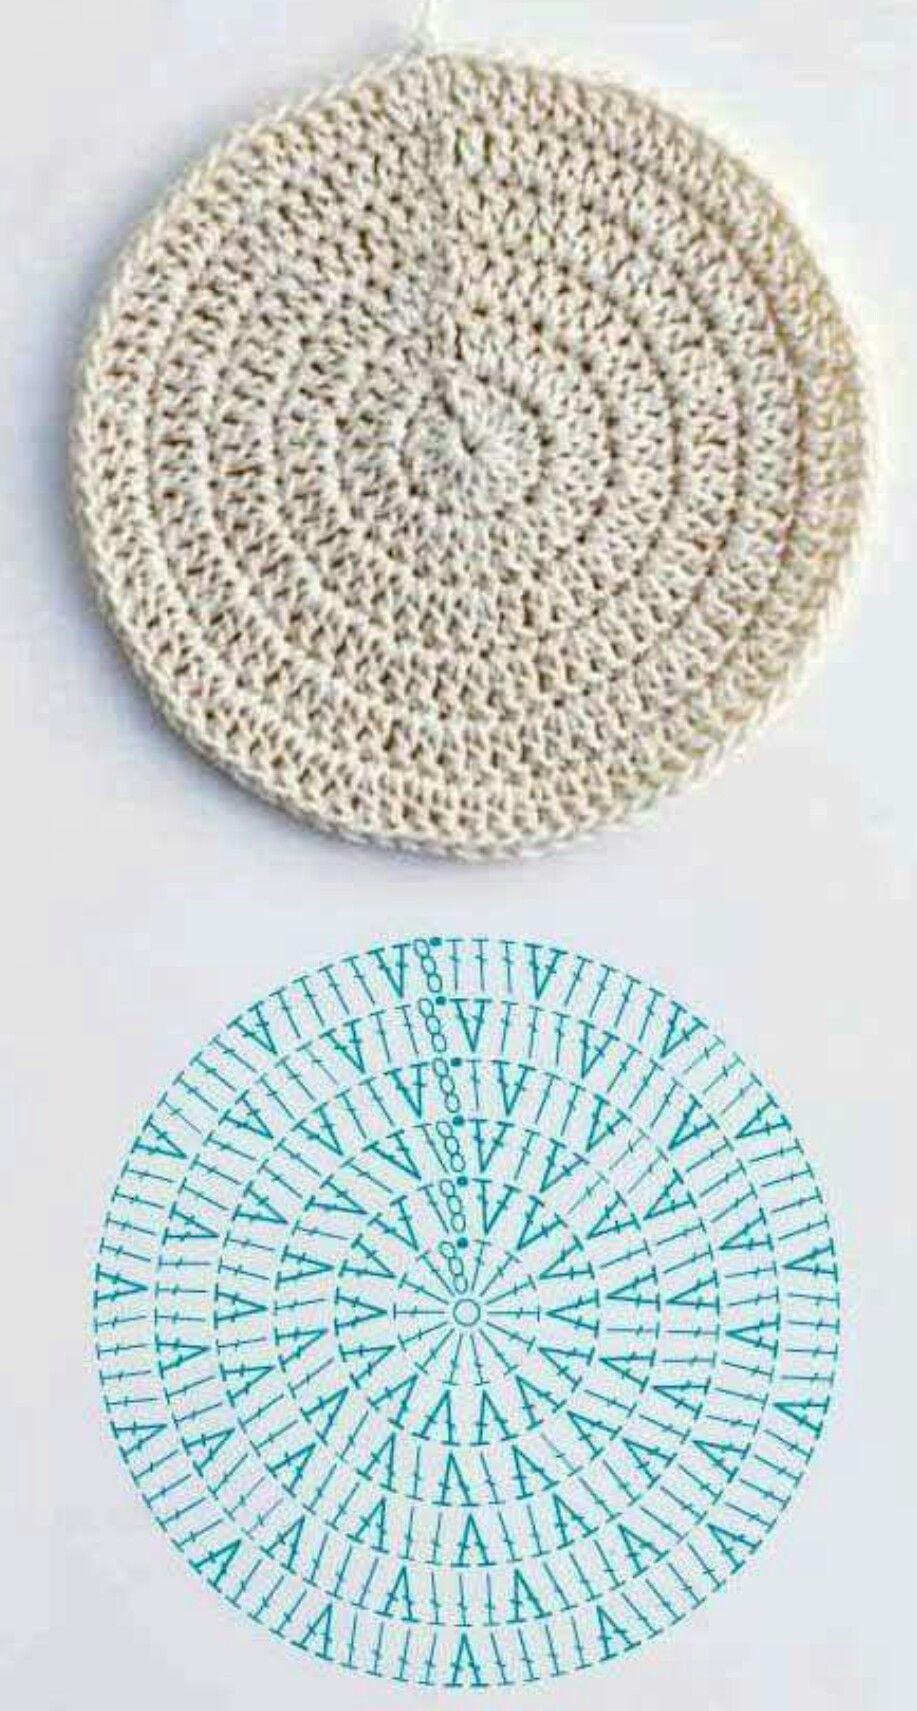 Pin von Zhanna Sonnikova auf схема | Pinterest | Muster und Handarbeiten